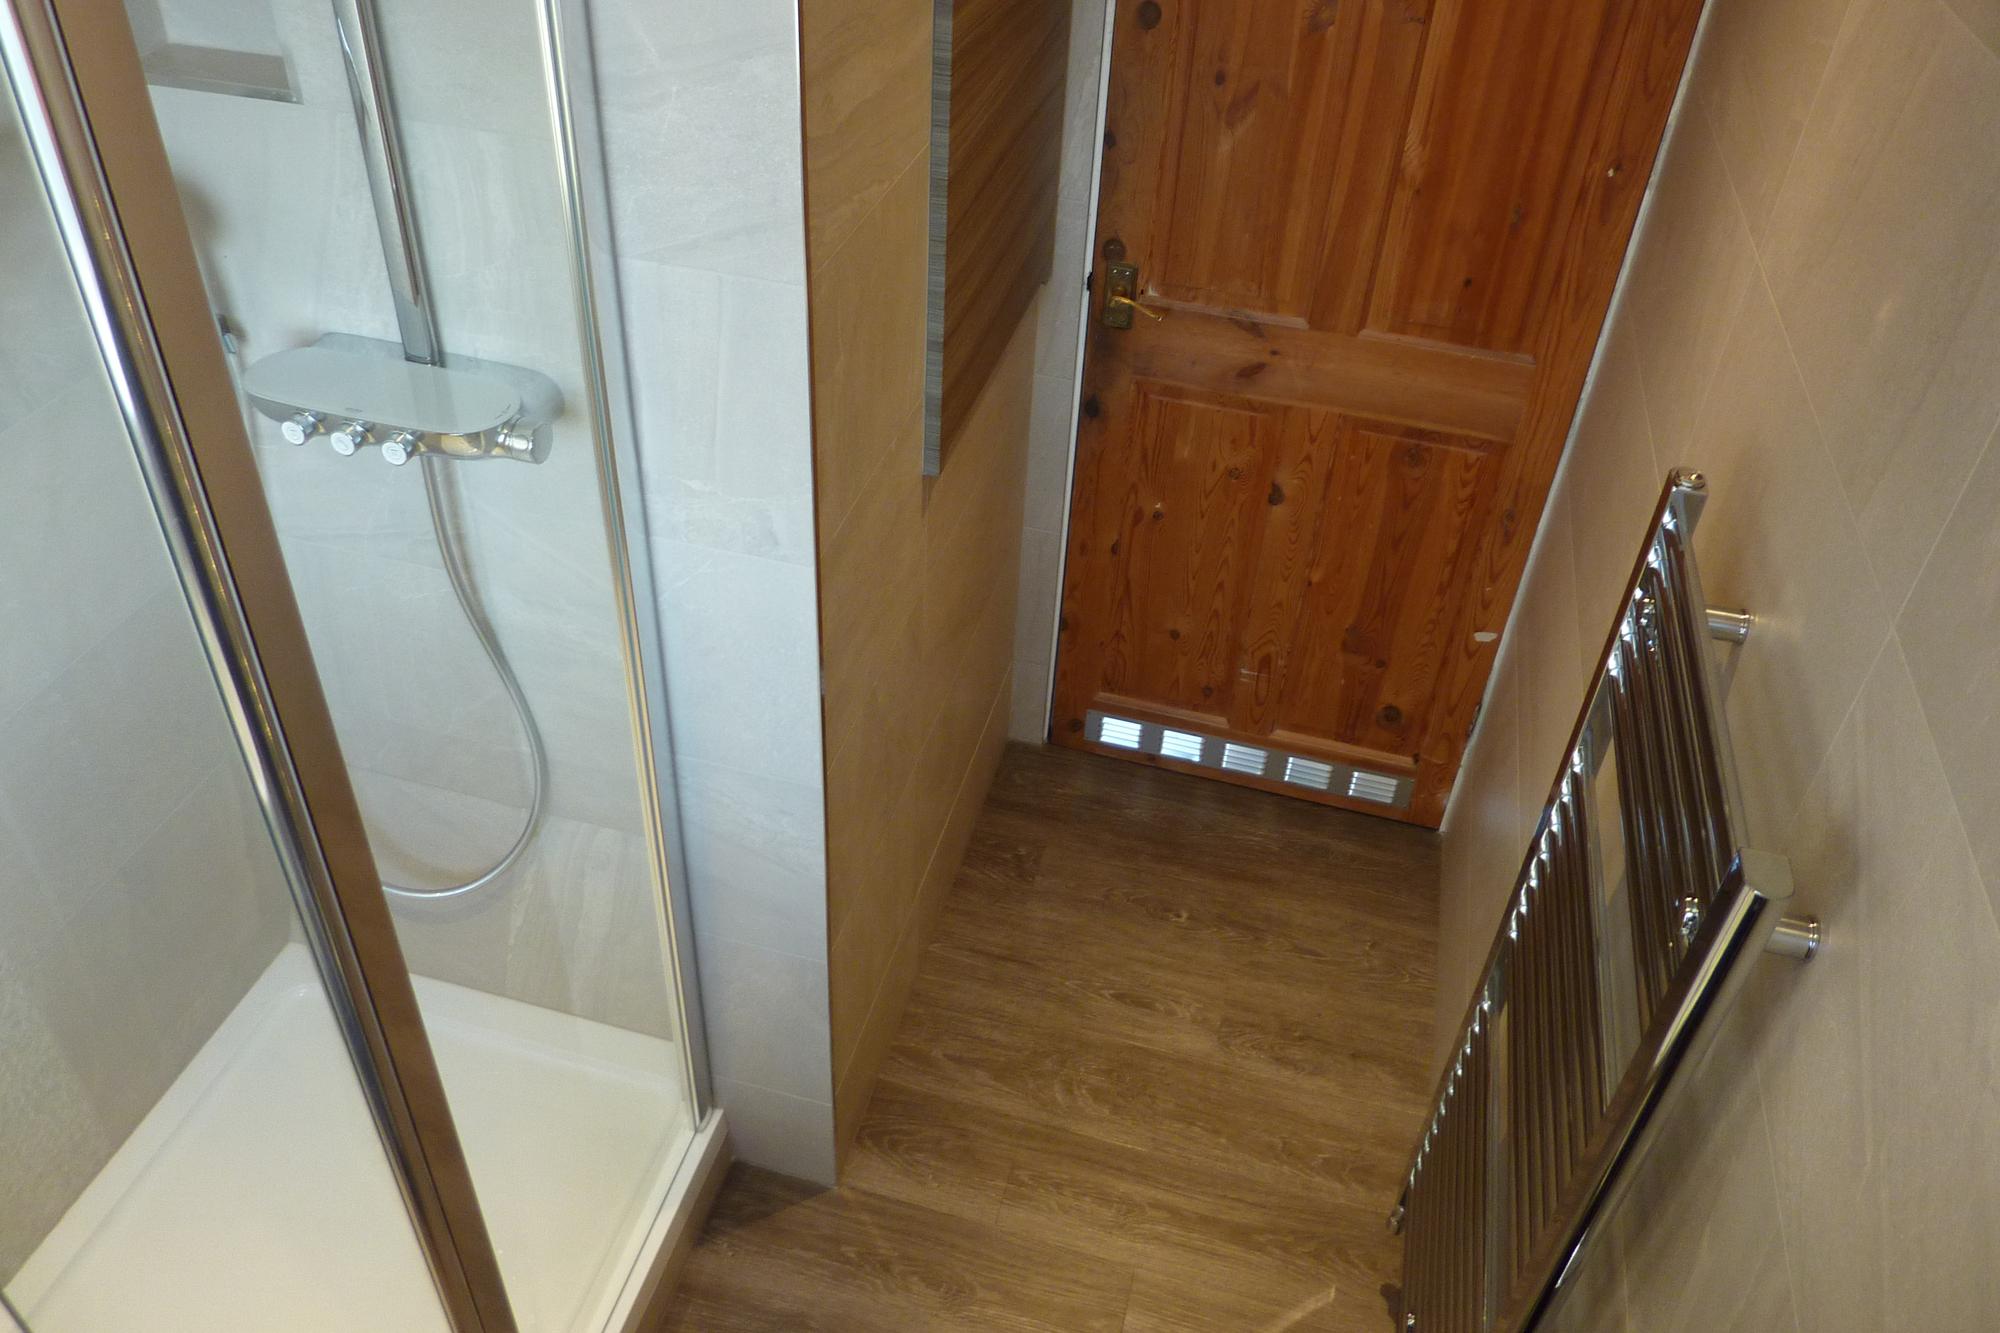 9 Shower room, Morris, Ashton under Lyne, 2016